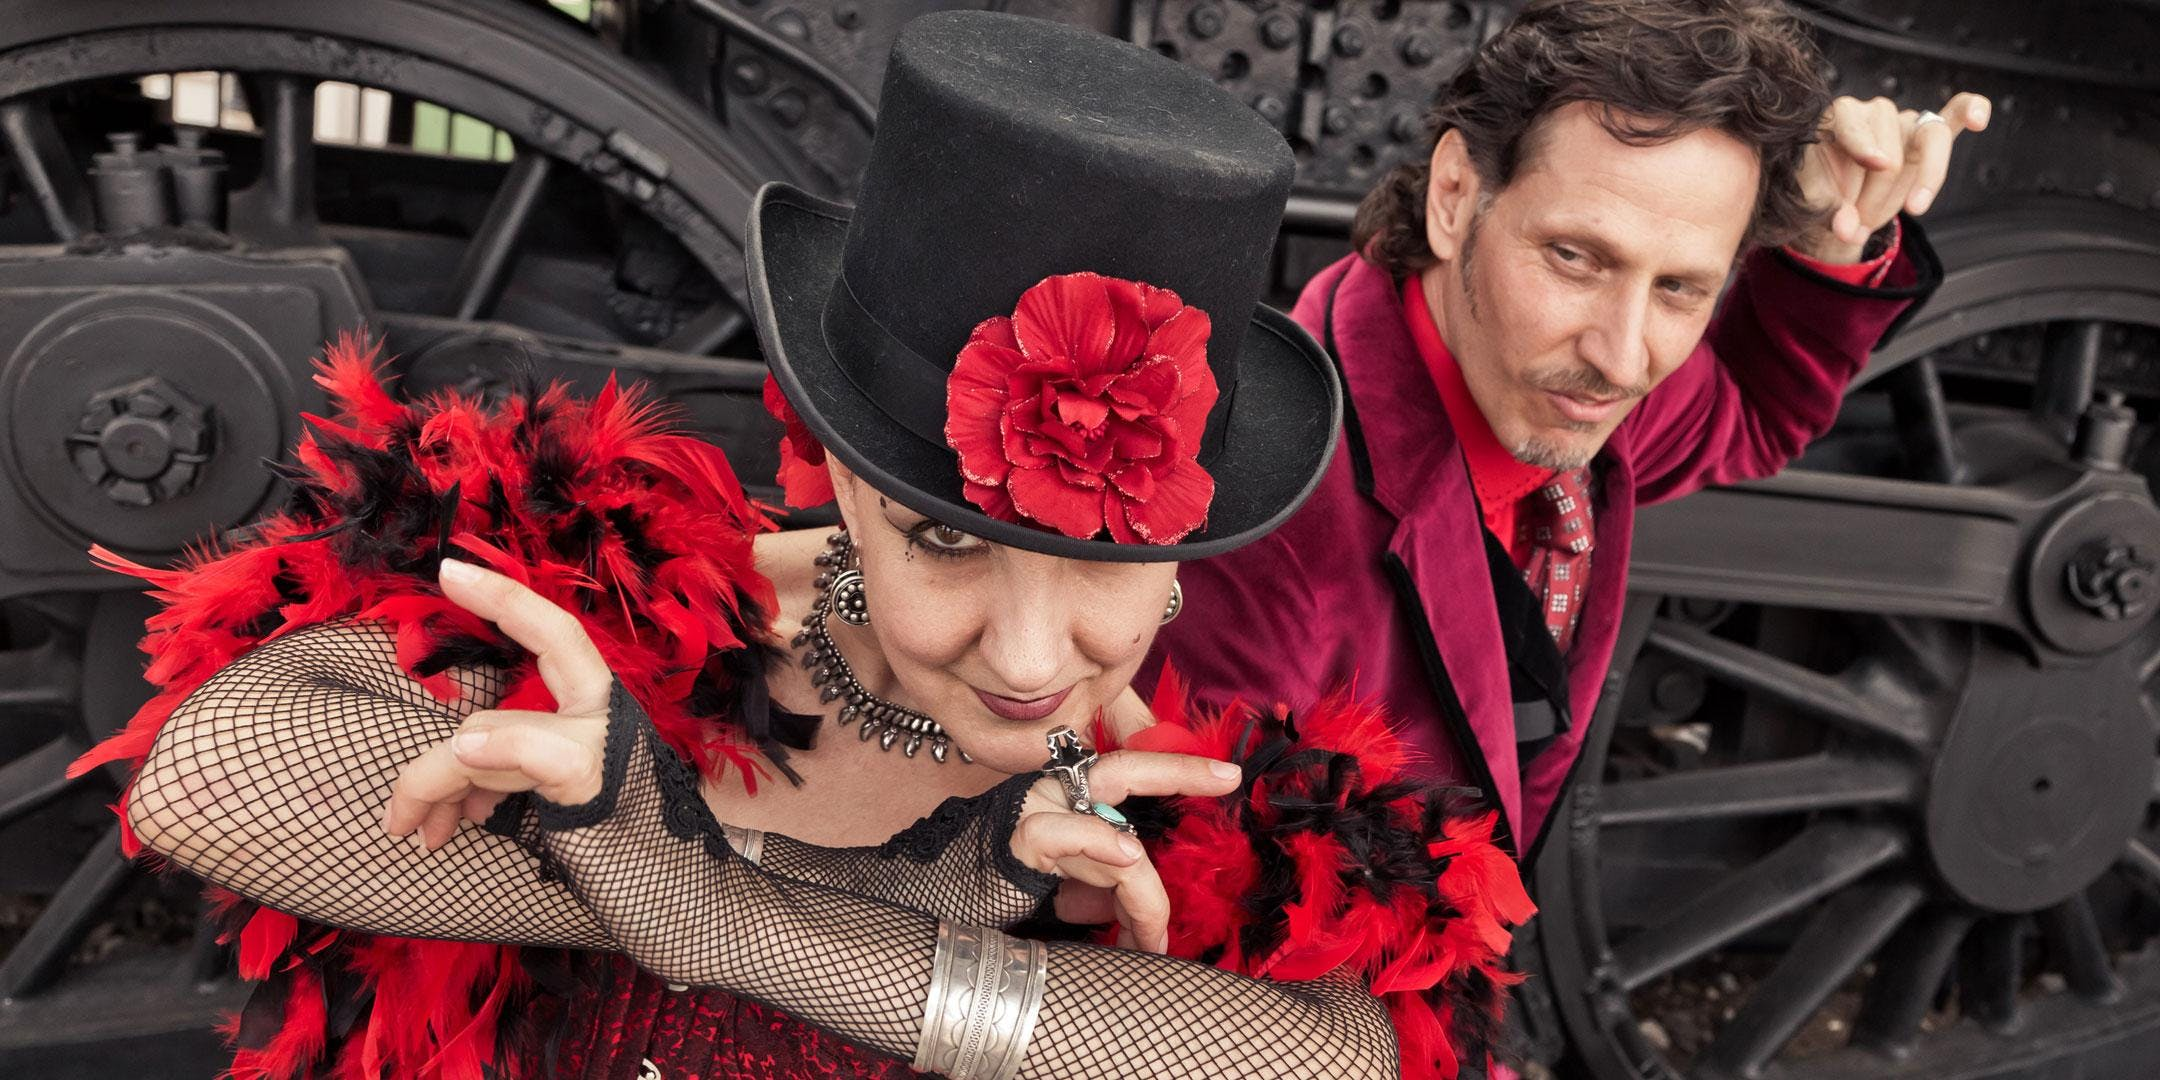 Carnival of Illusion in Tempe: Magic, Mystery & Oooh La La!